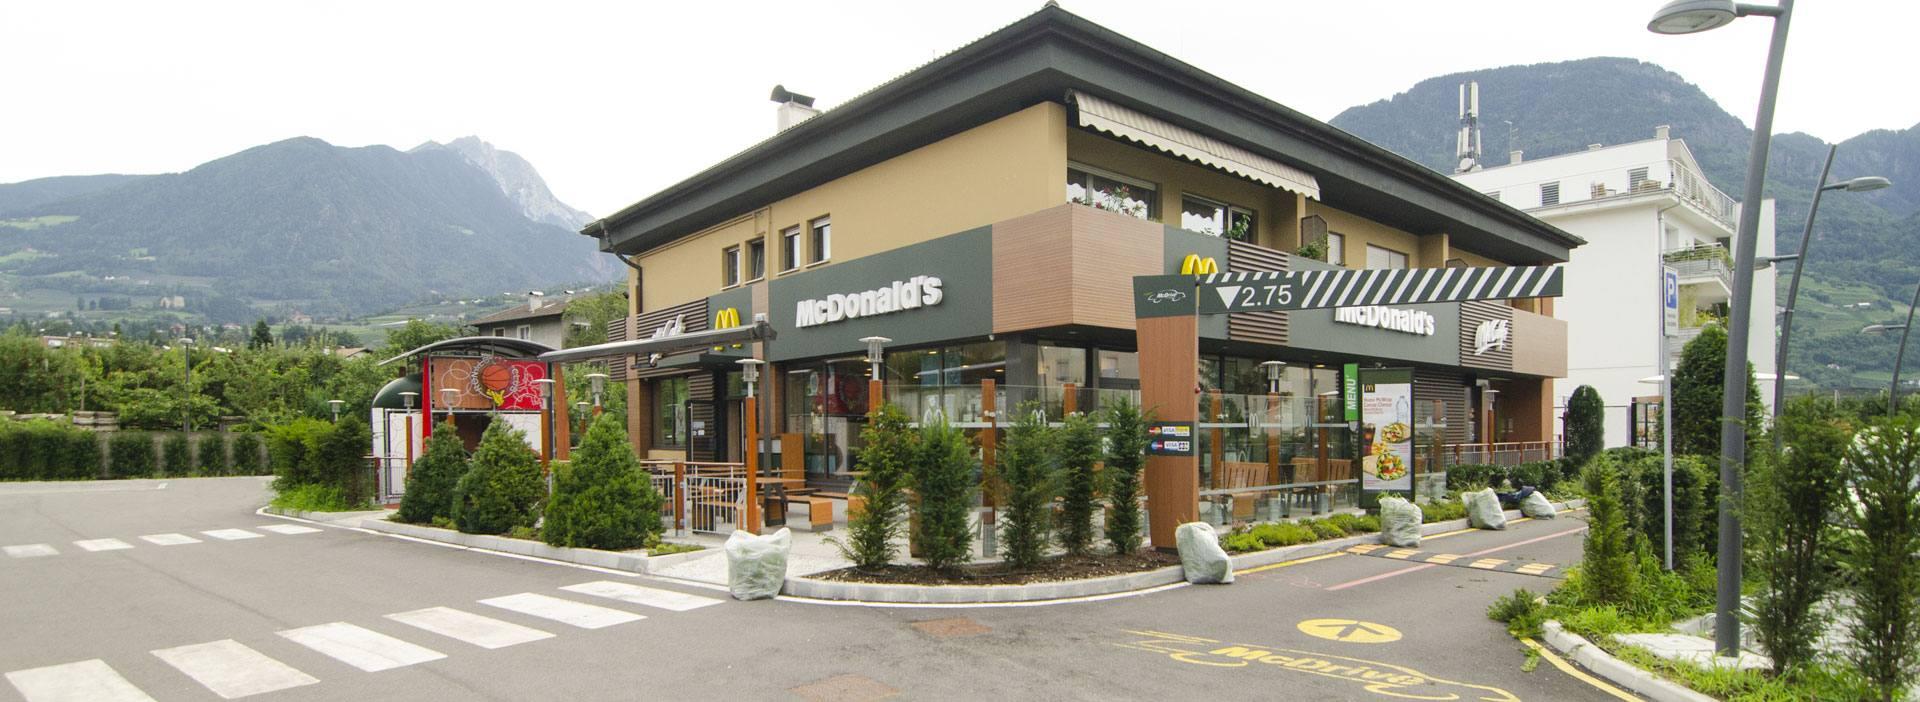 McDonald's Meran